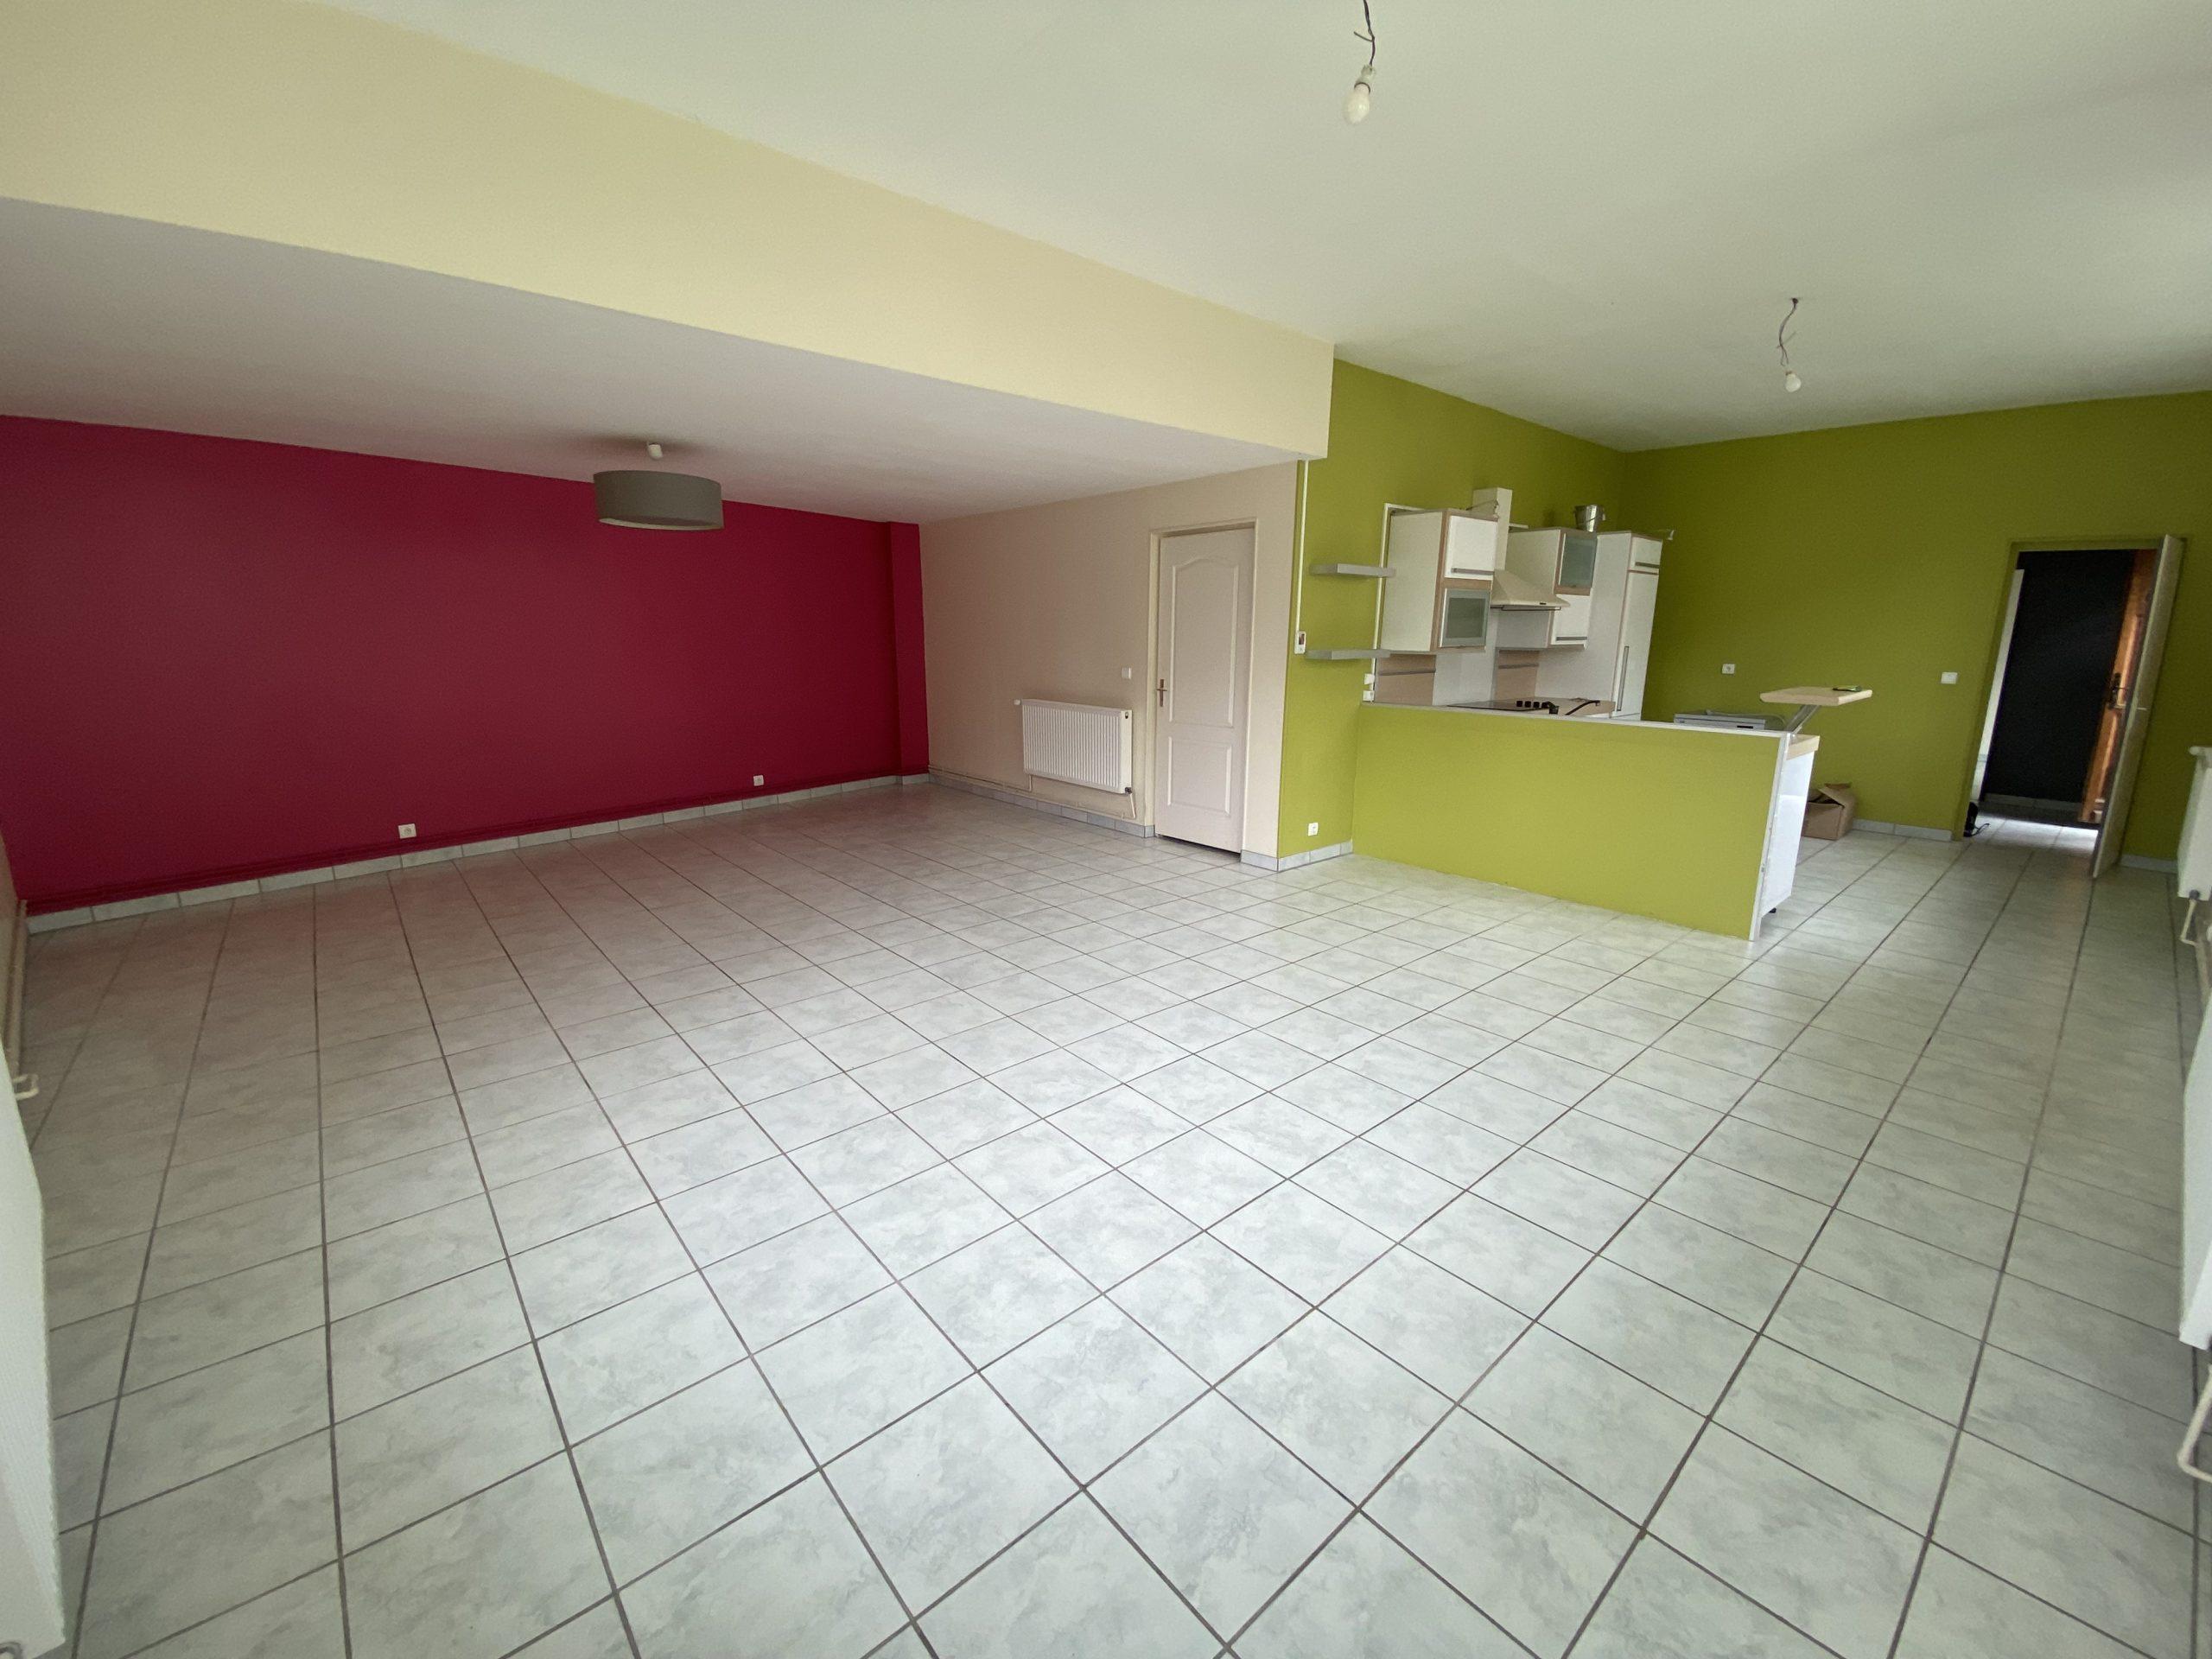 ROSIÈRES AUX SALINES : Maison de 180 m2 Hab. Environ sur 500 m2 de terrain